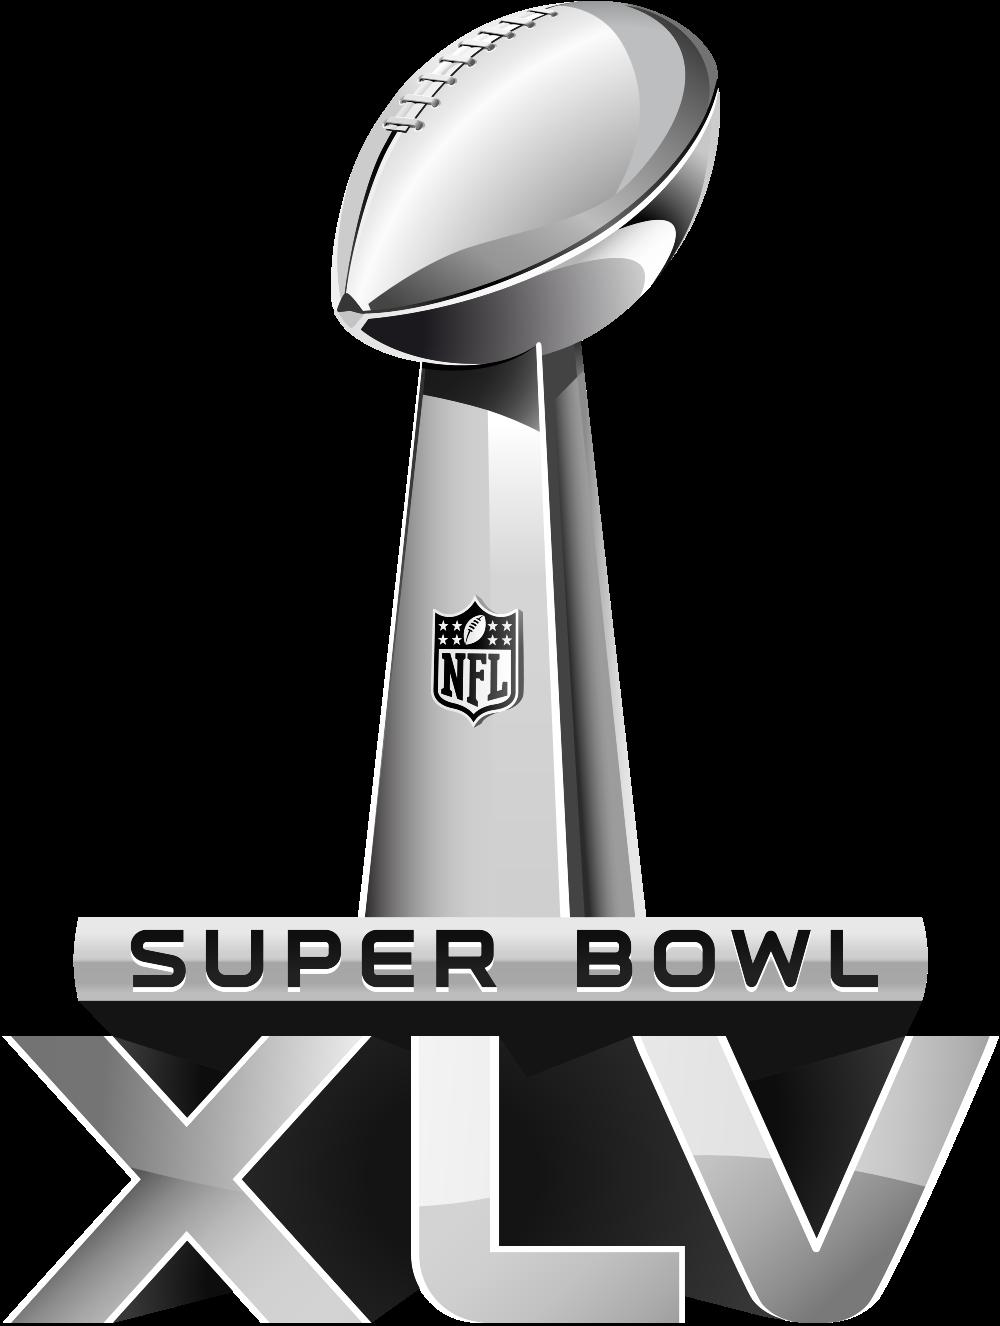 Super Bowl XLV - Super Bowl Logo PNG